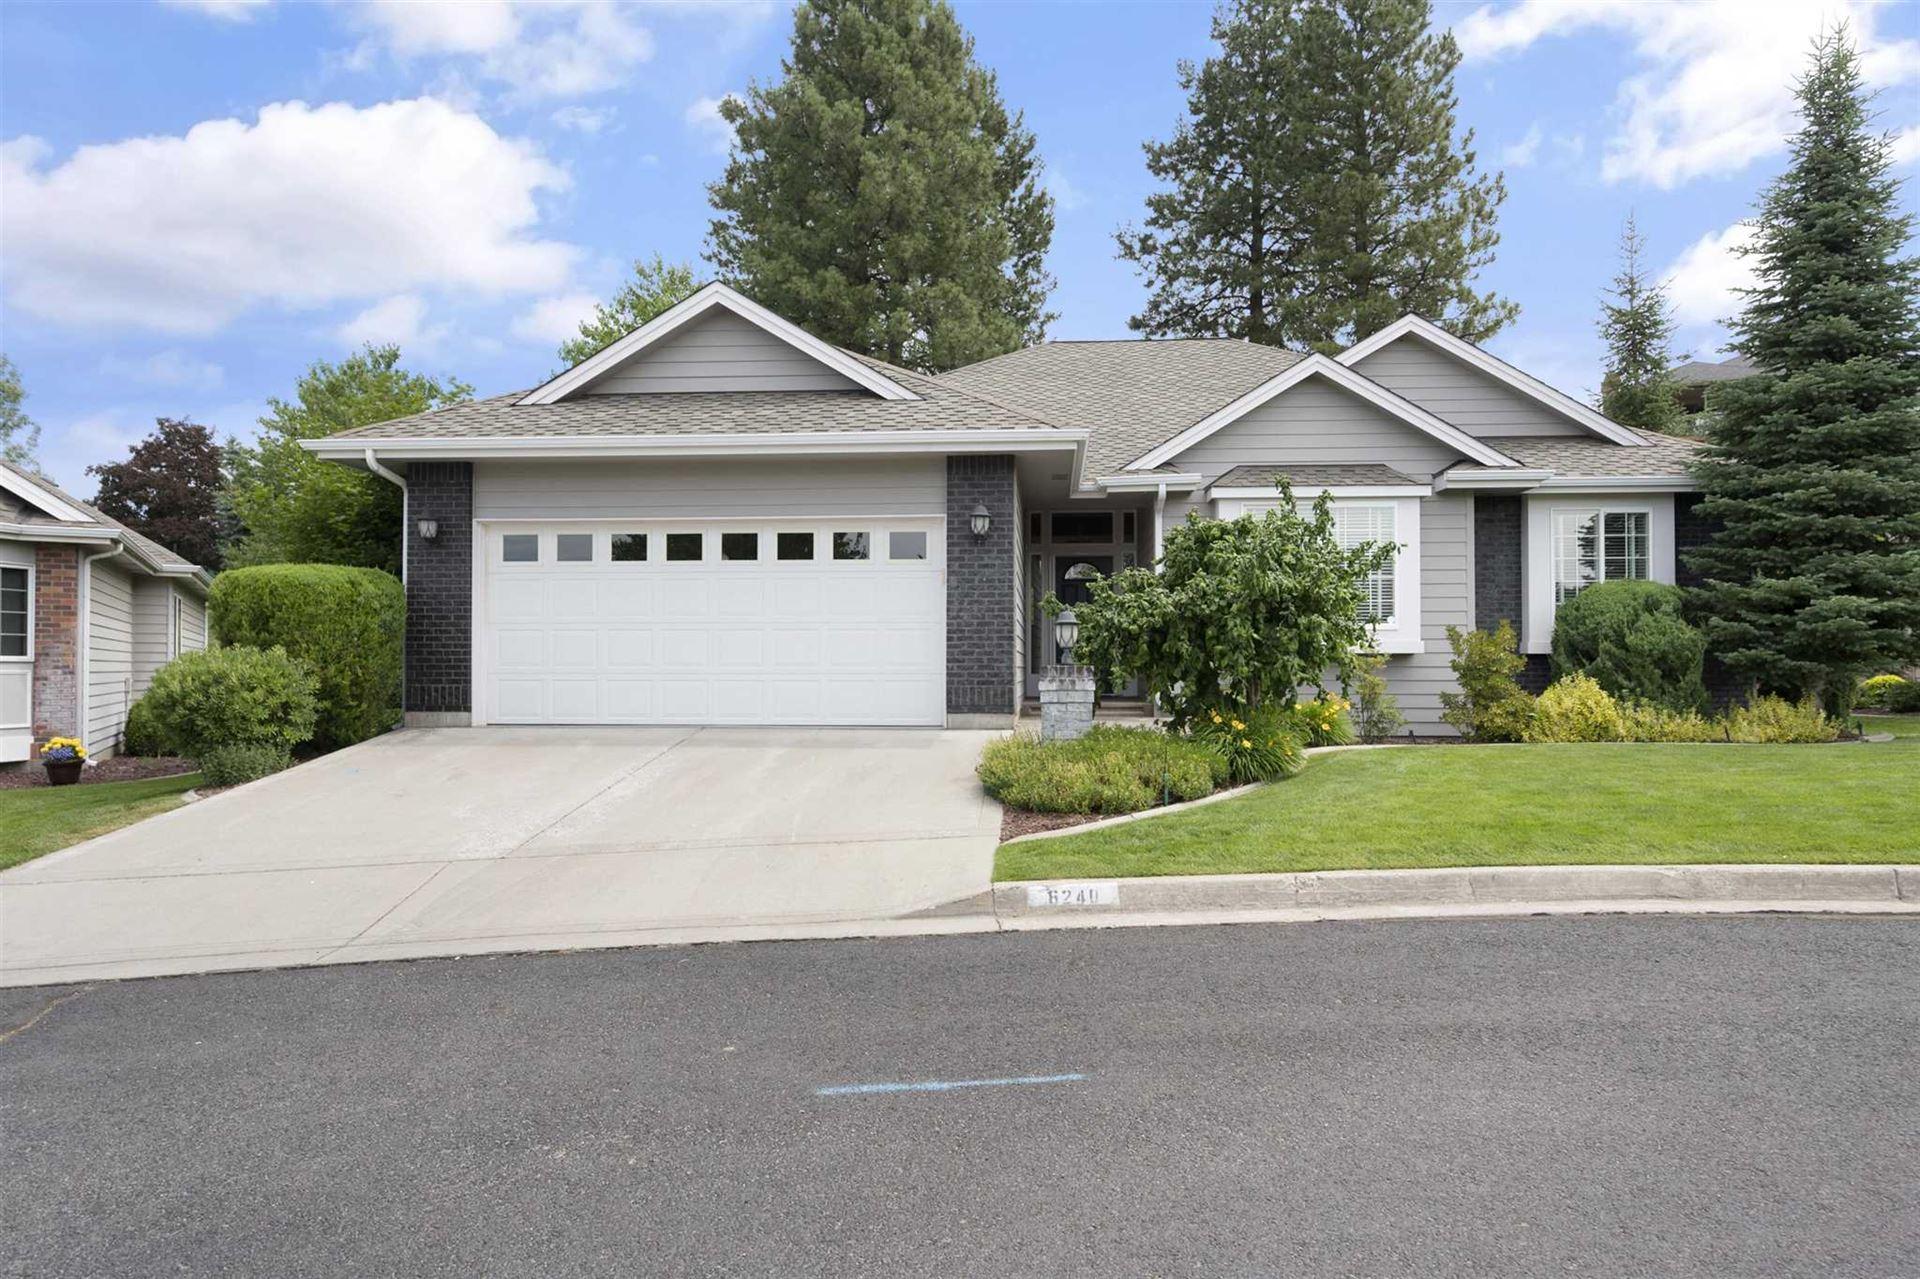 6240 W Shawnee Ave, Spokane, WA 99208-8311 - #: 202117797